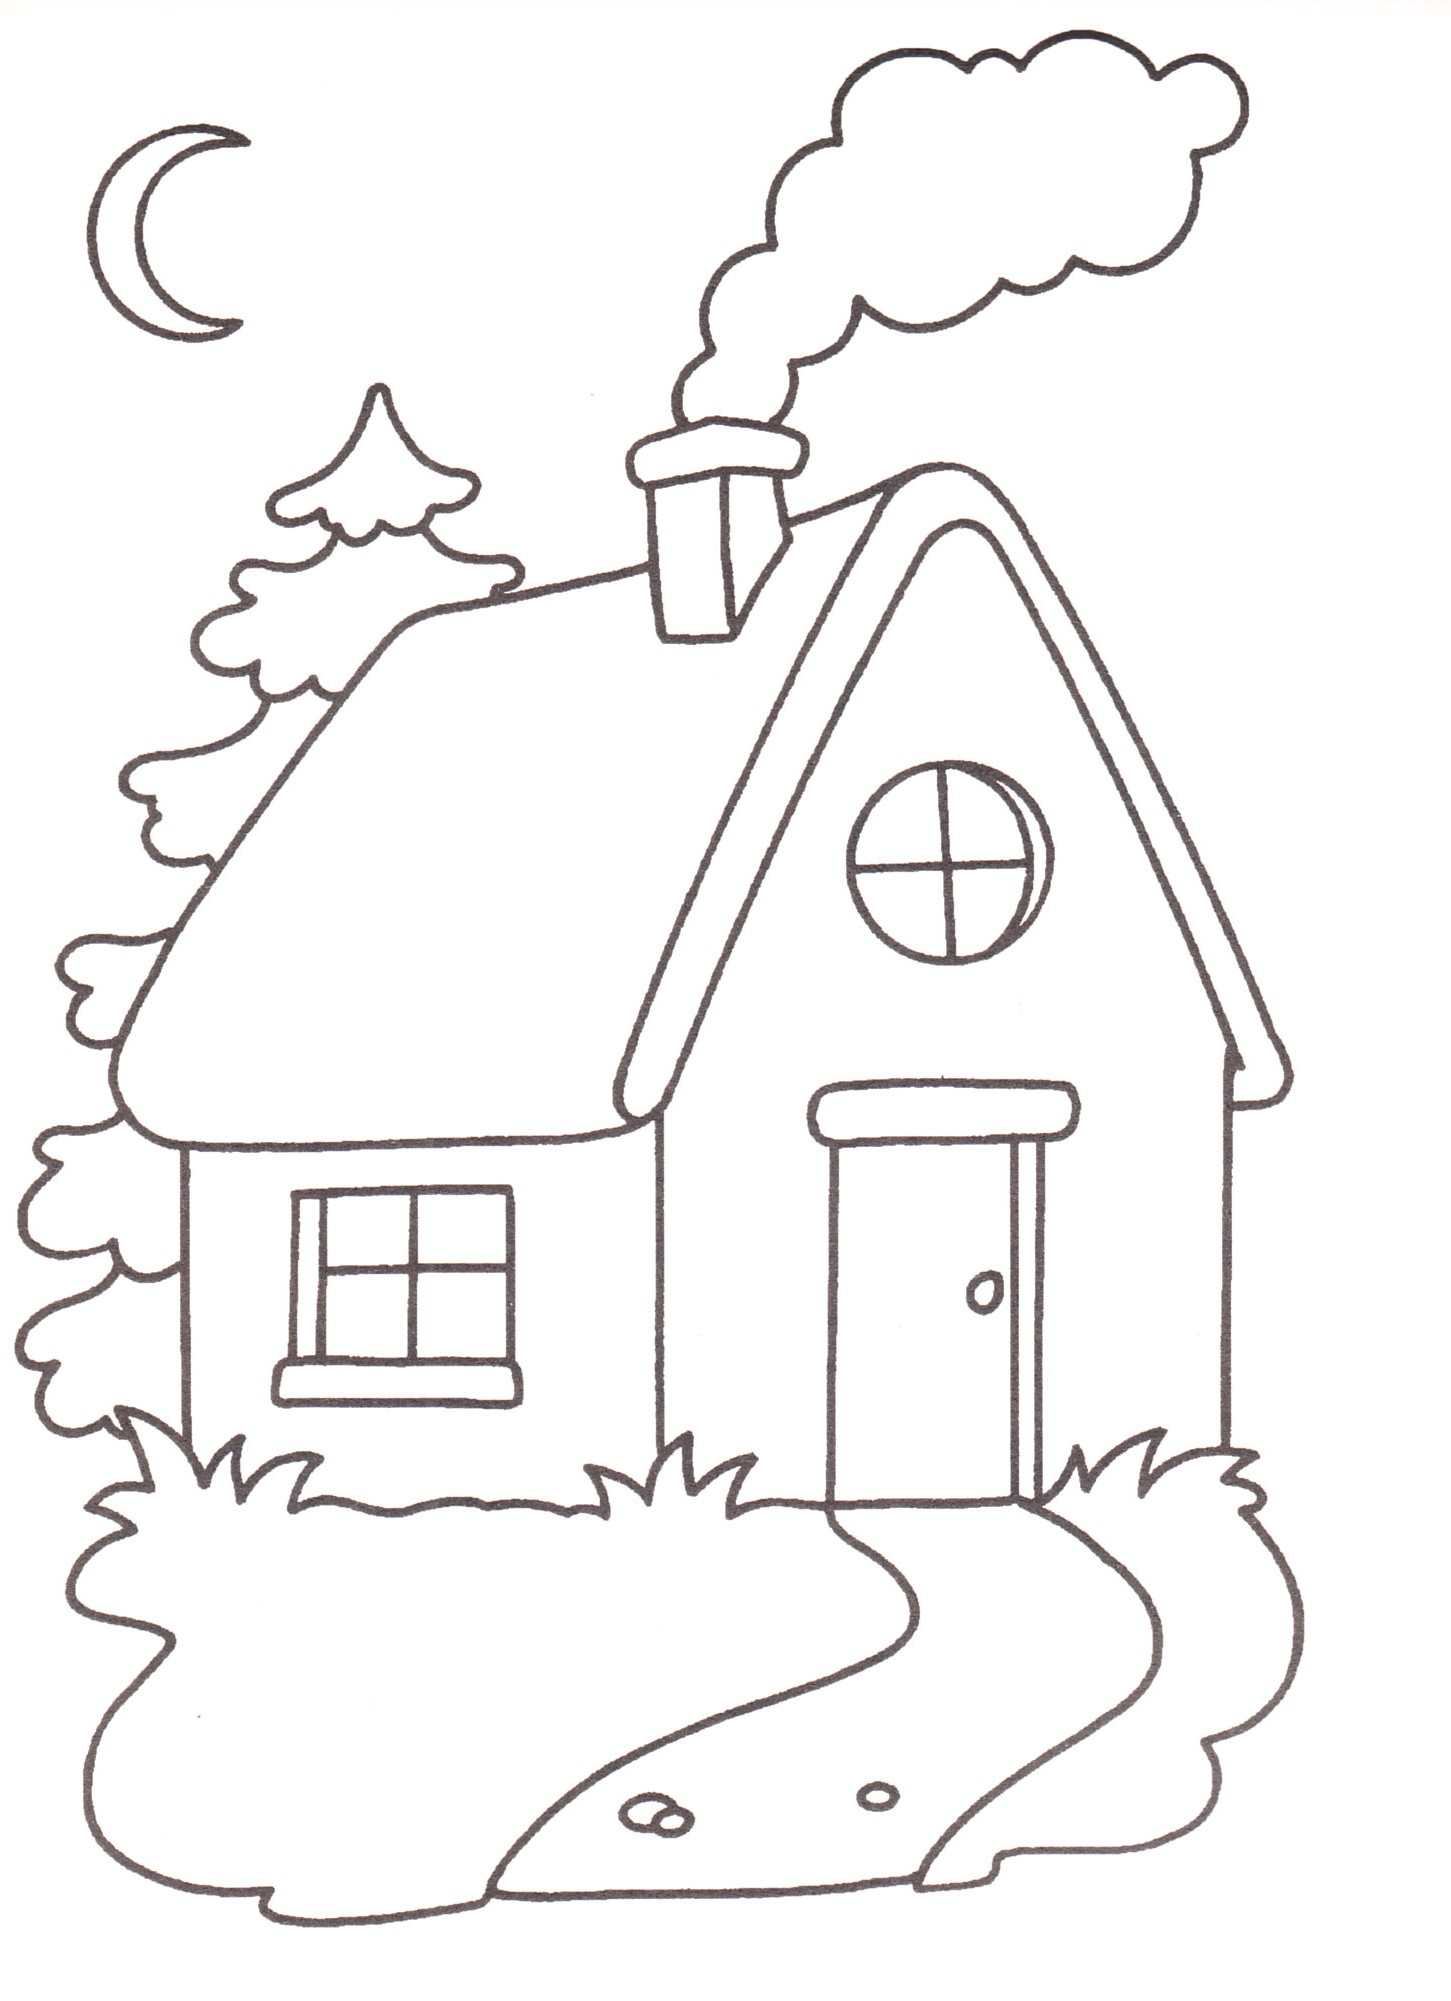 Disegni da stampare e colorare casa - Porta da colorare ...